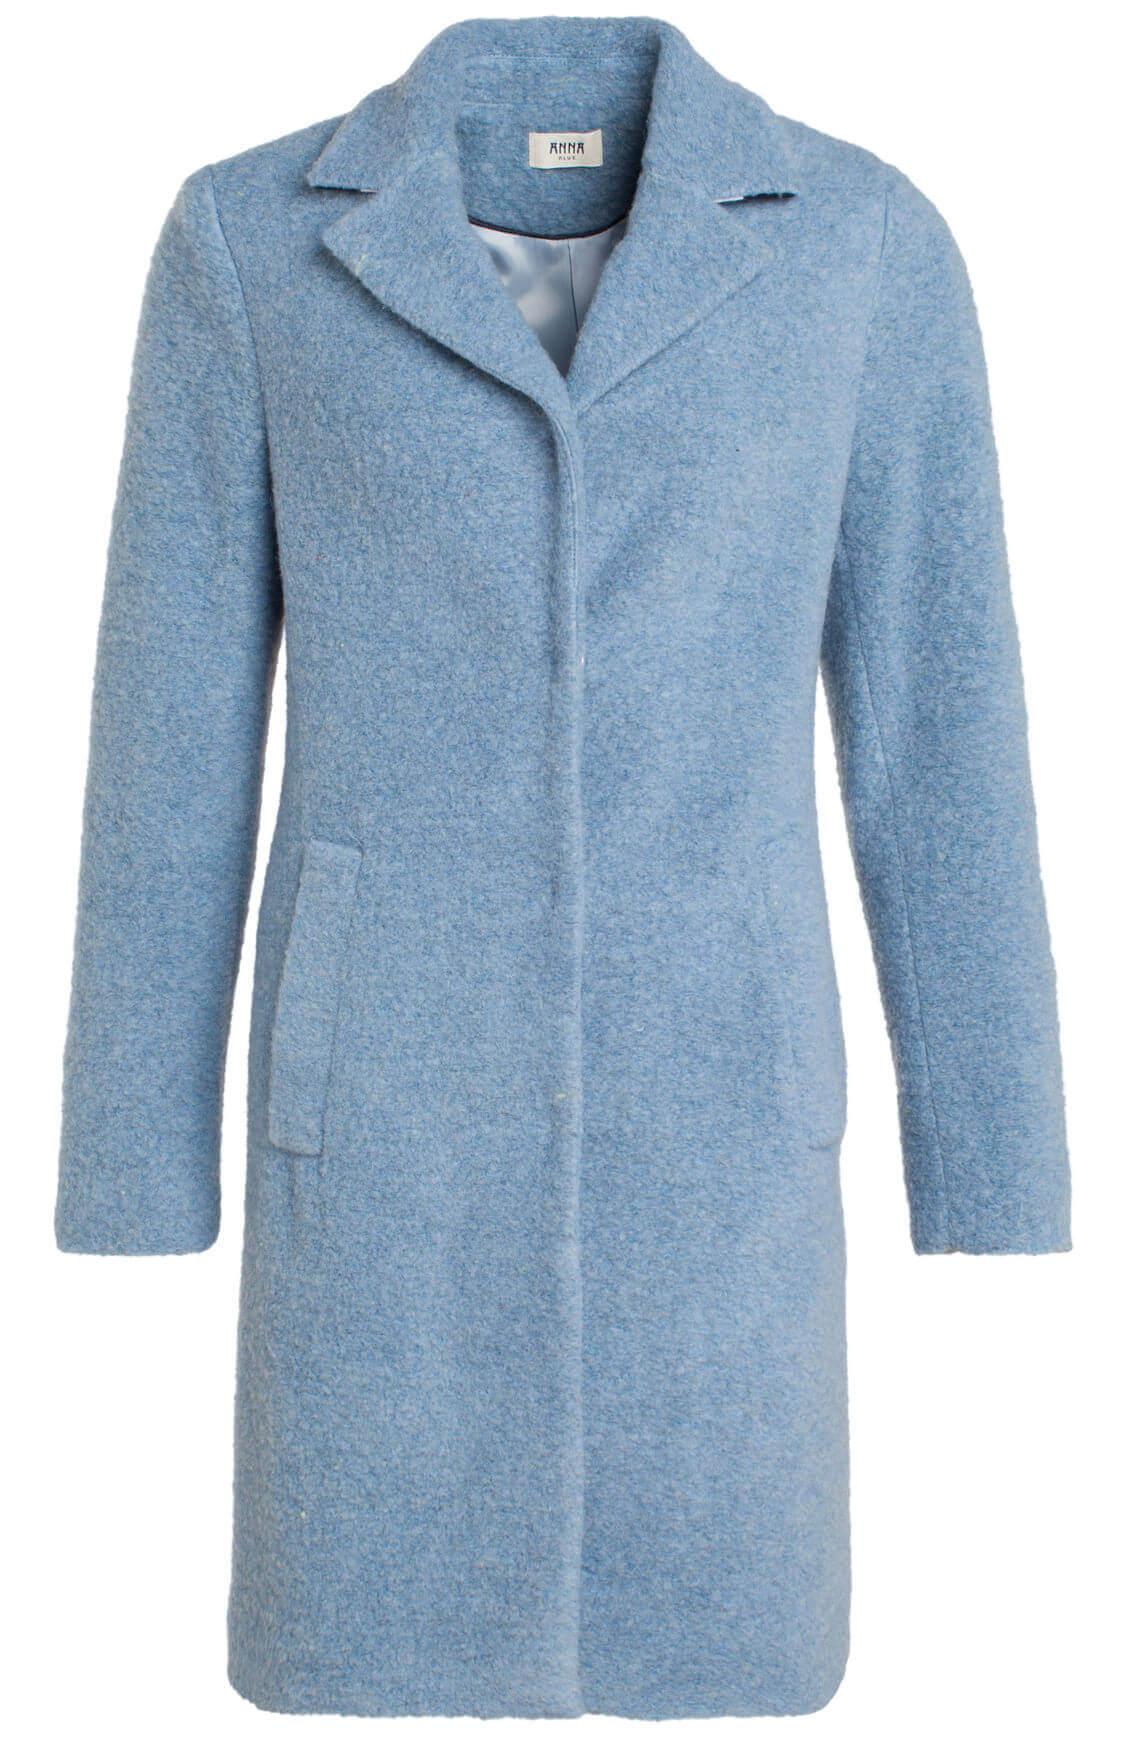 Lichtblauwe Winterjas Dames.Anna Blue Dames Wollen Mantel Blauw Jassenboutique